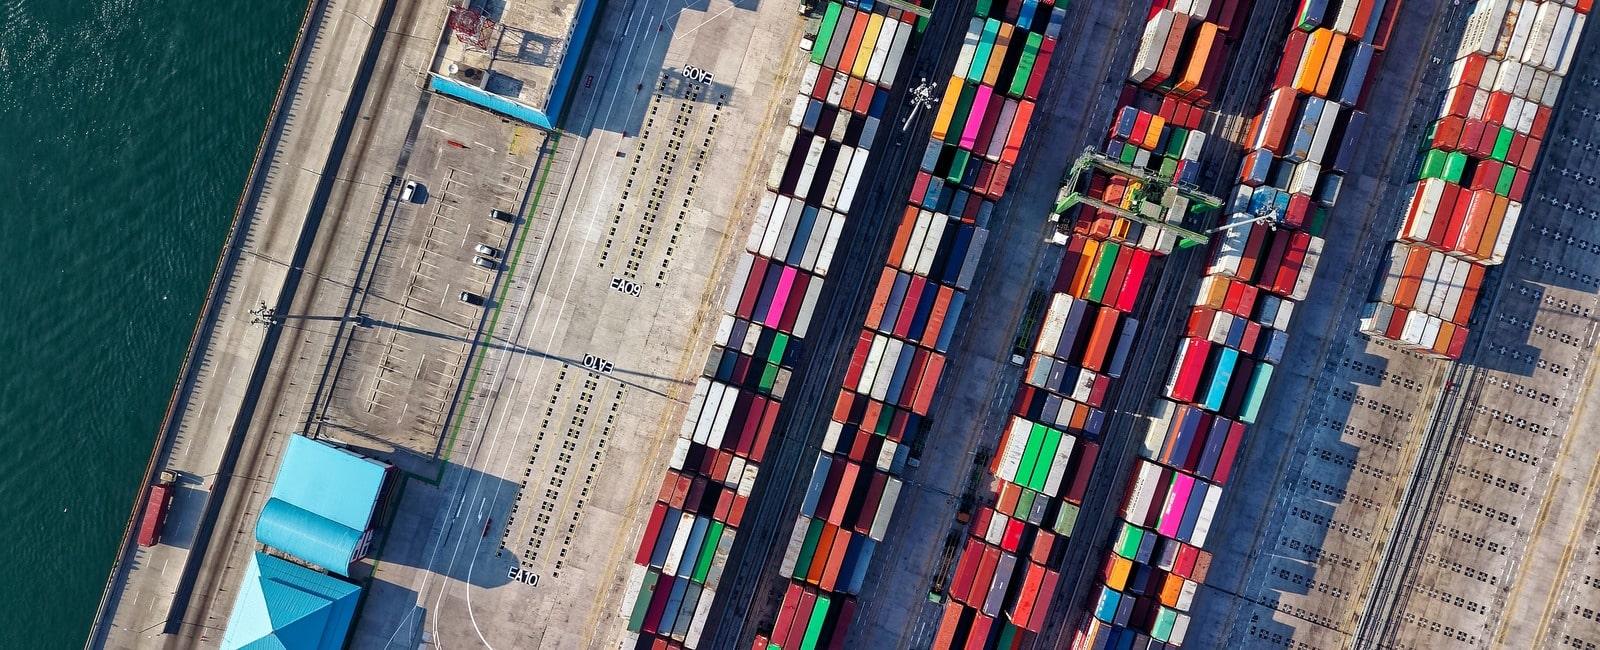 Ритейл може постраждати від порушень в масштабних процесах ланцюгів поставок